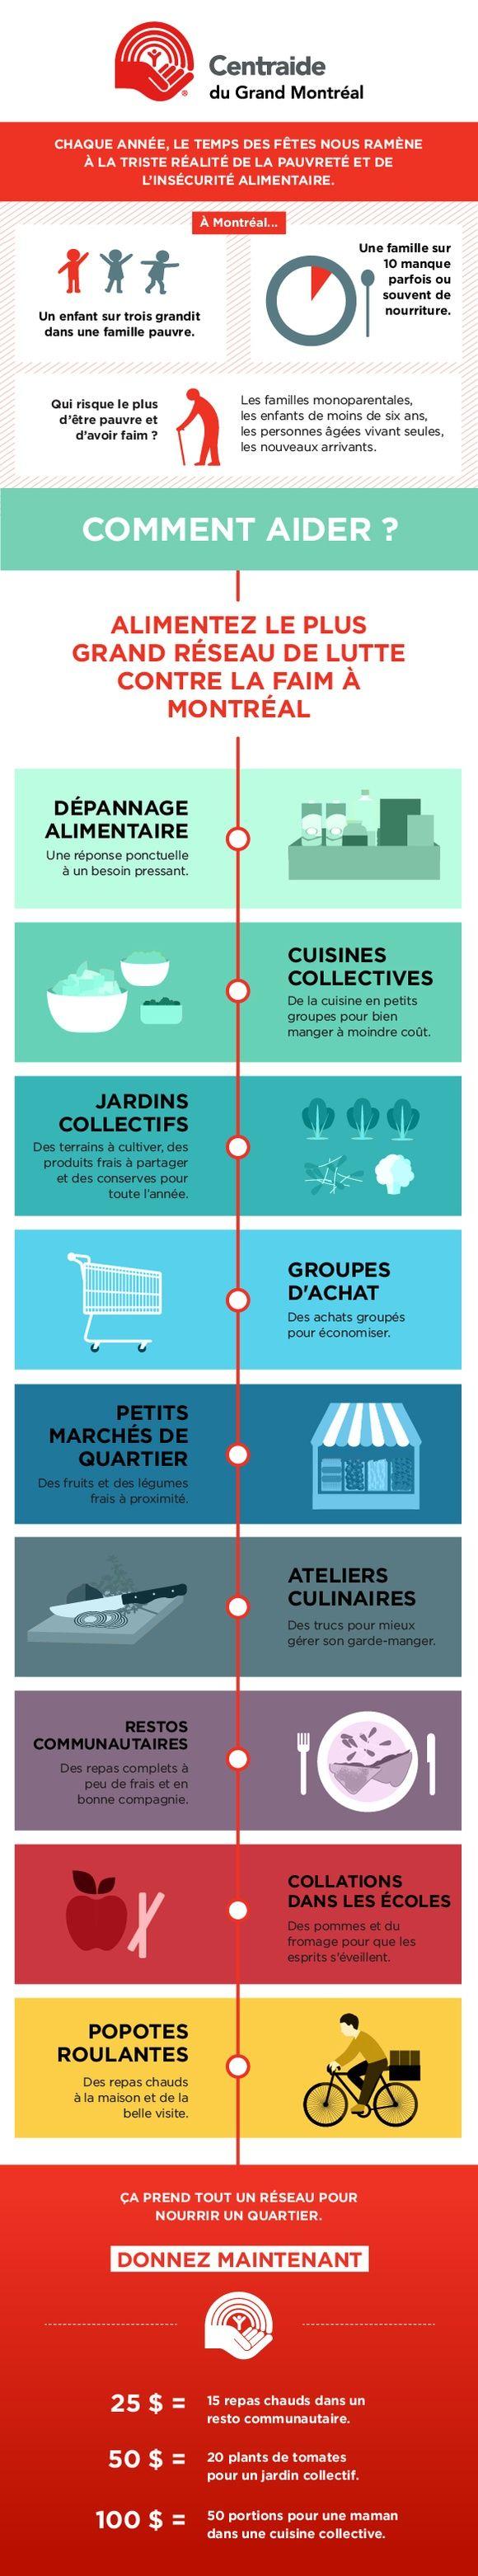 Une infographie sur la sécurité alimentaire Client: Centraide du Grand Montréal